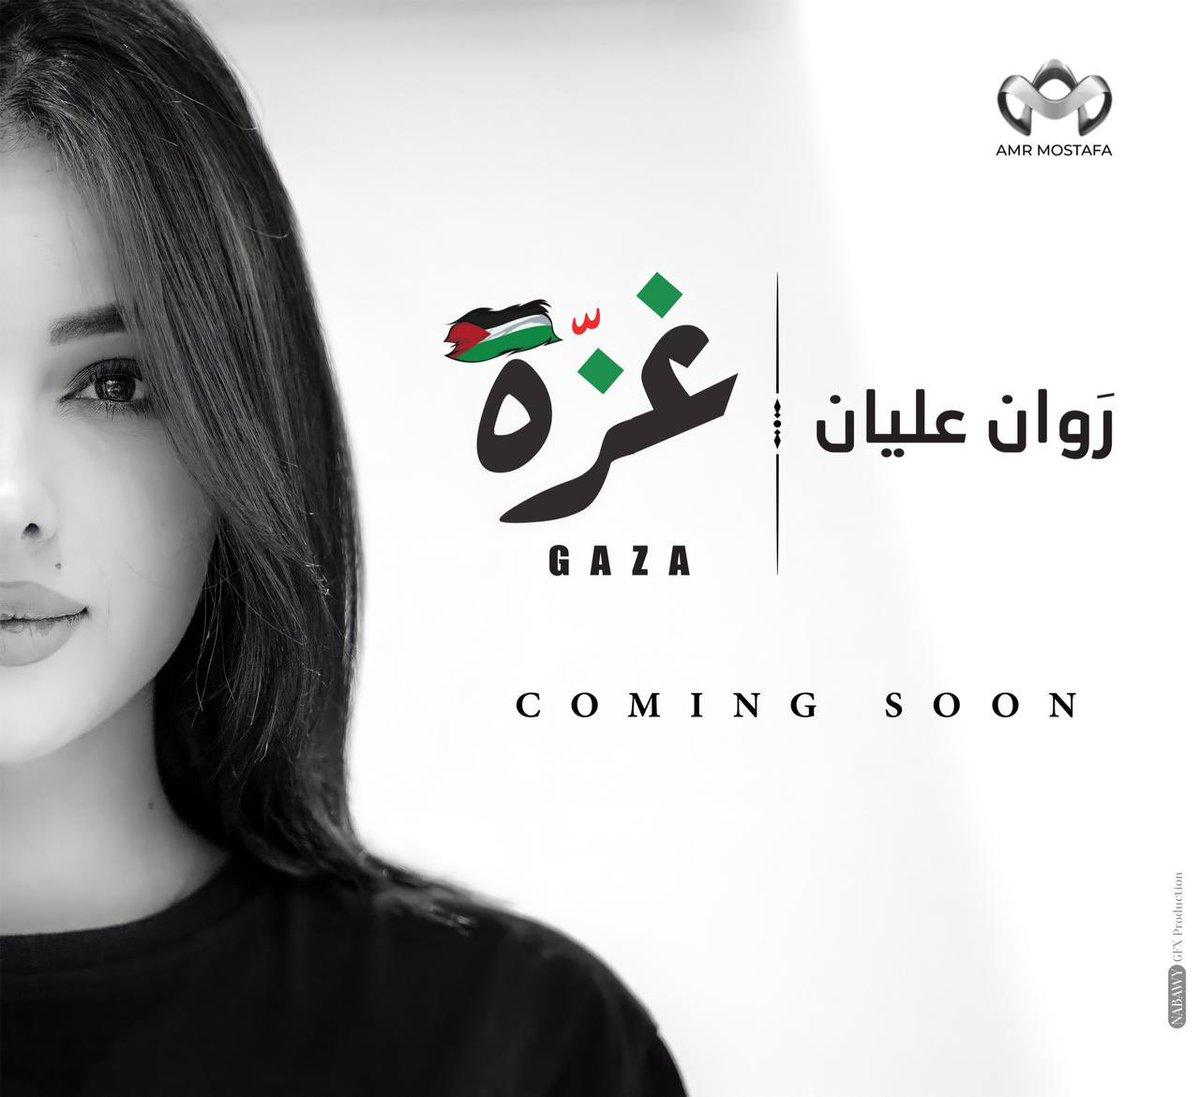 """روان عليان تطلق أحدث أغانيها بعنوان غزة """"فيديو"""""""